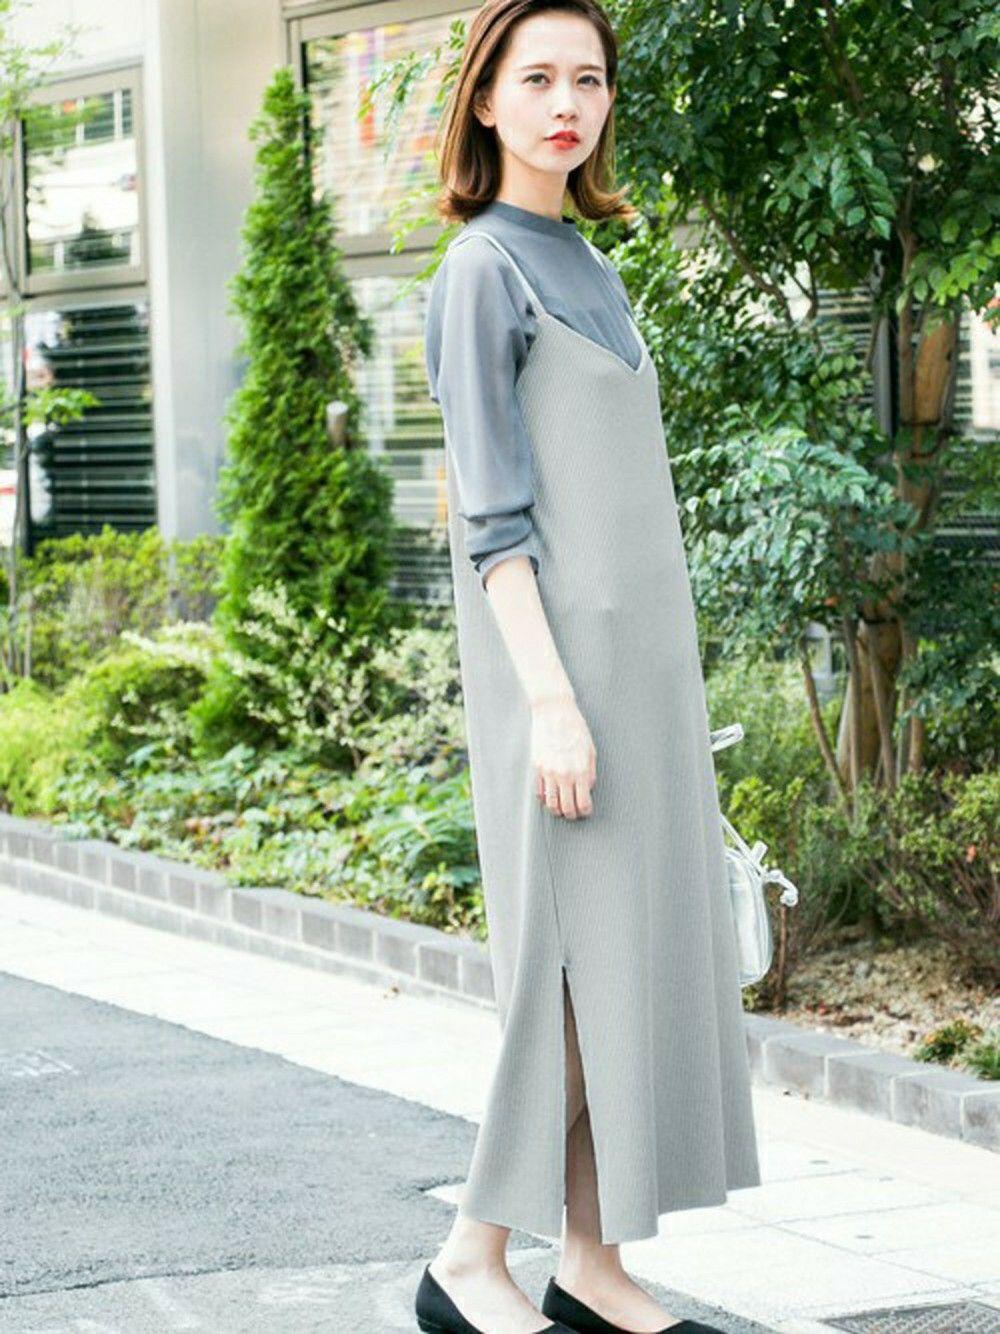 はれこさんの Kbf リブキャミソールロングワンピース Kbf を使ったコーディネート ファッション ファッションアイデア ワンピース